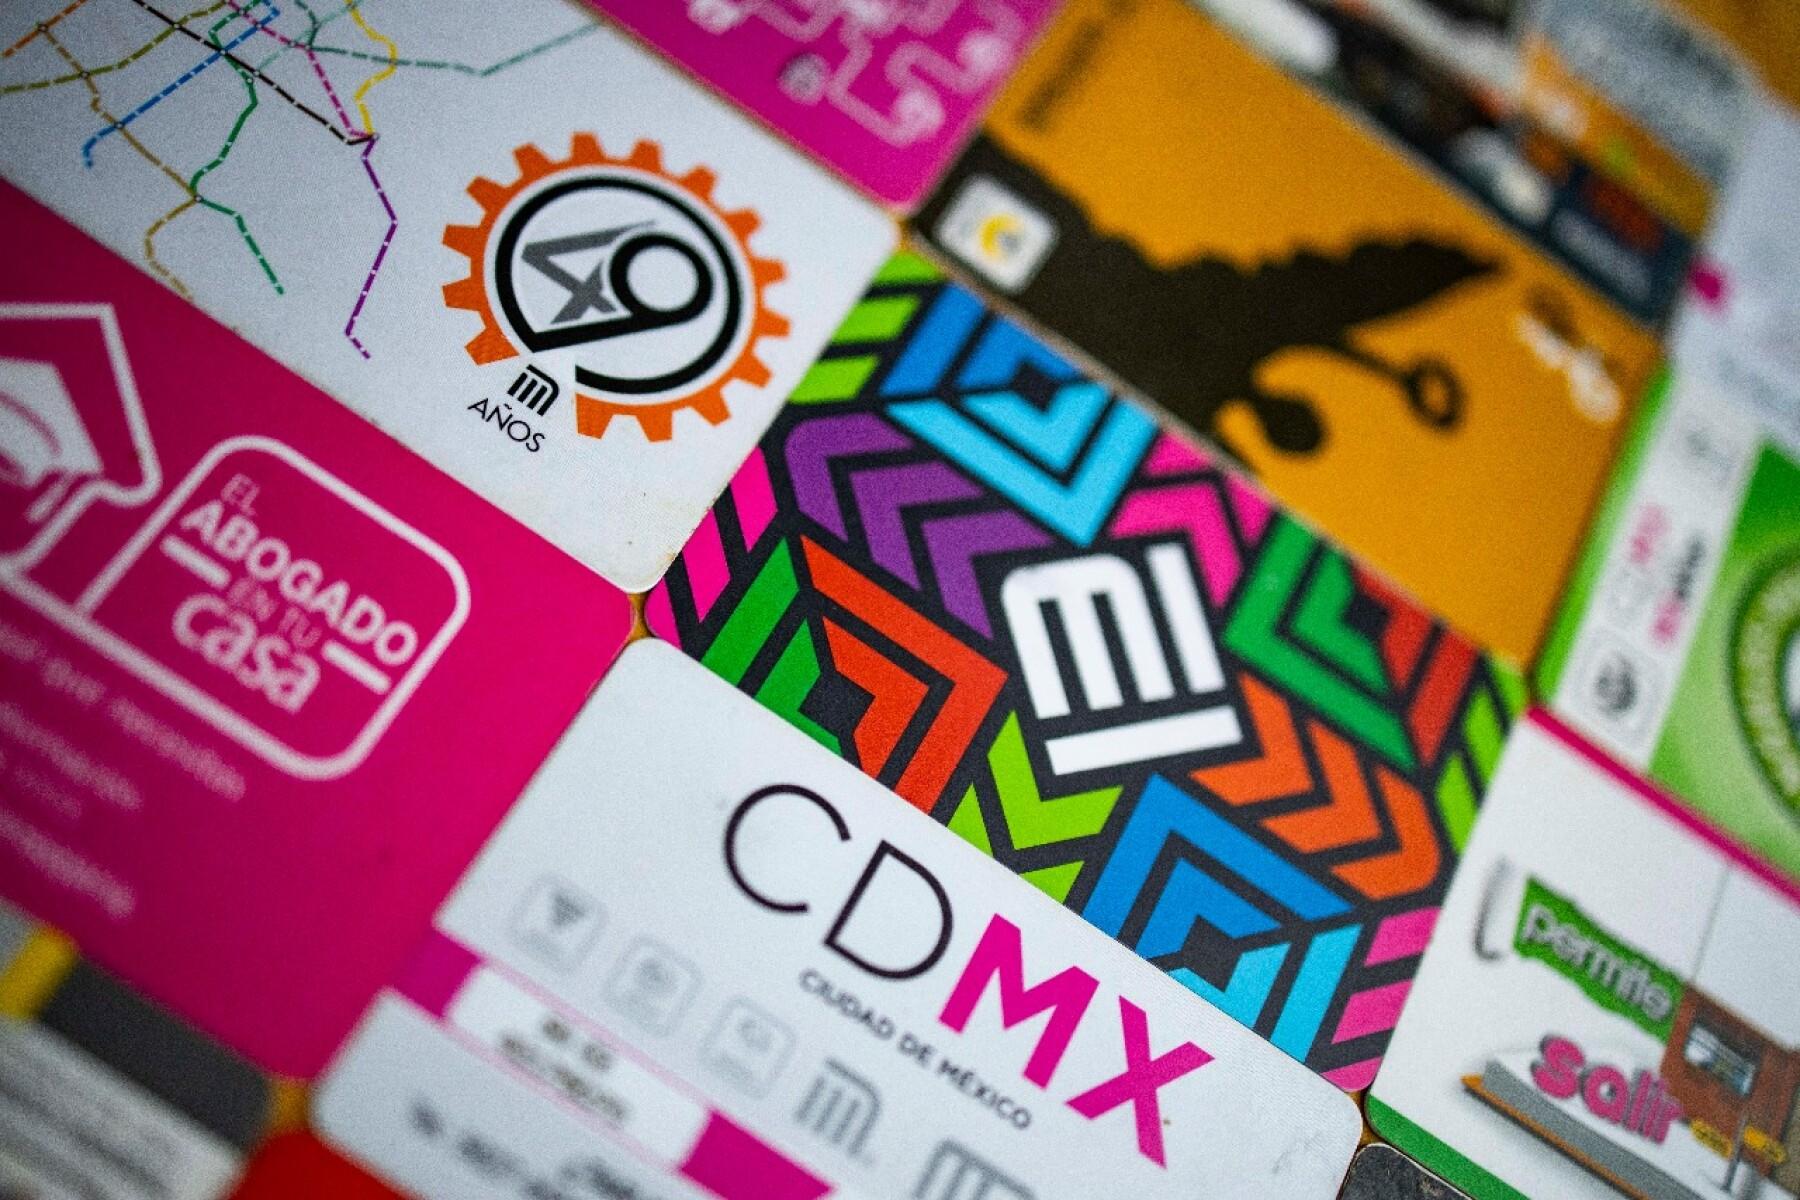 tarjetas-que-si-podras-usar-en-el-metro-y-metrobús-tarjeta-de-movilidad-integrada